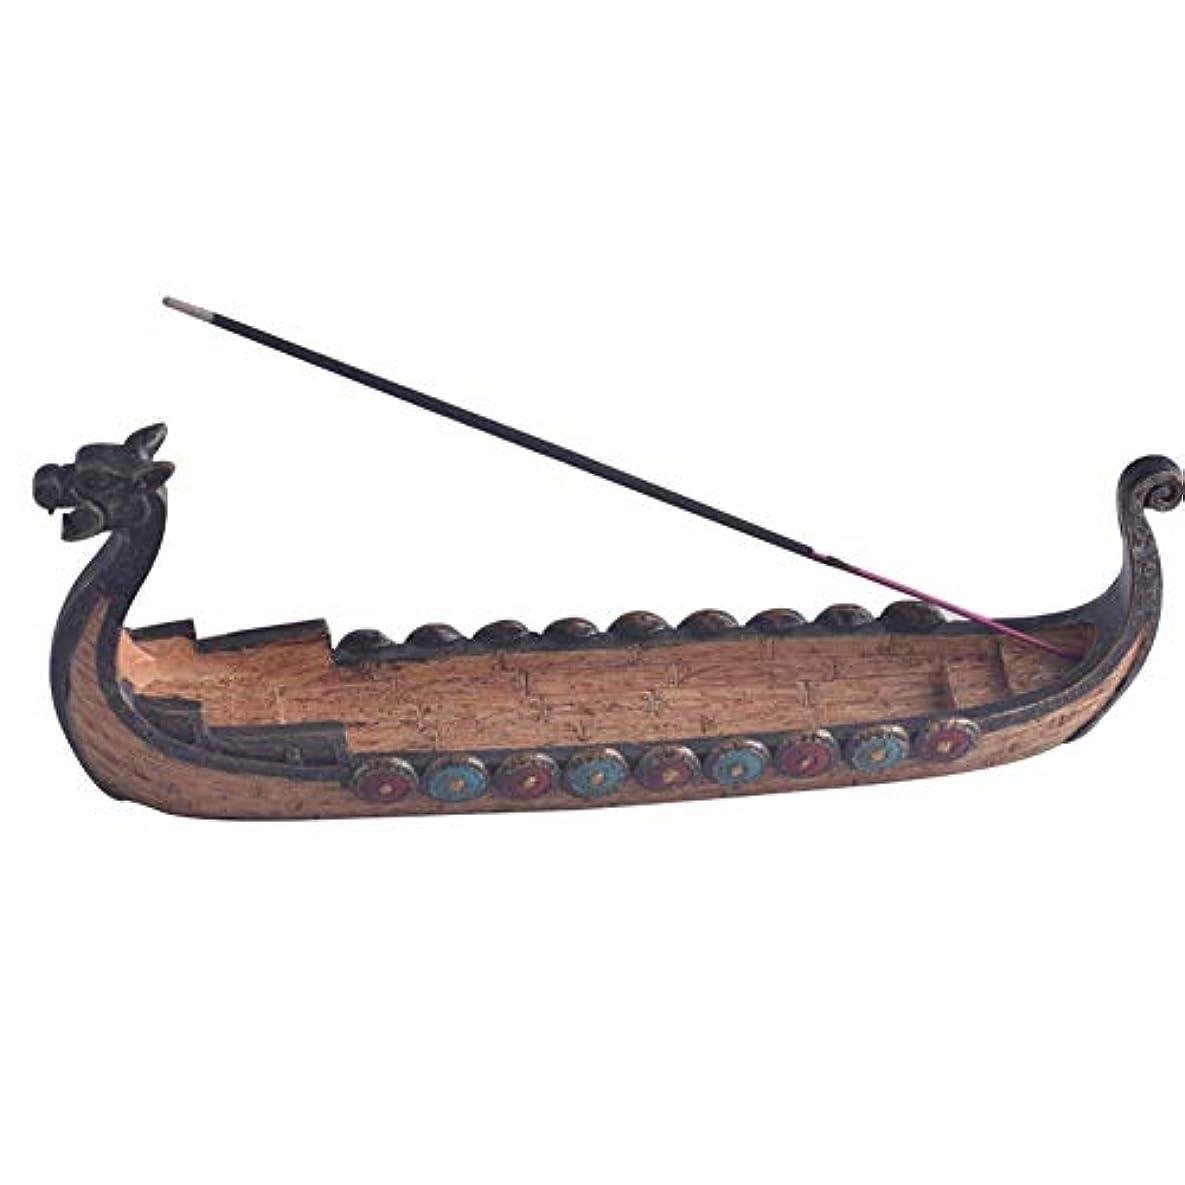 疼痛アンテナスキャンCoolTack スティック香中国の伝統的な家の装飾のためのドラゴンボート型香炉